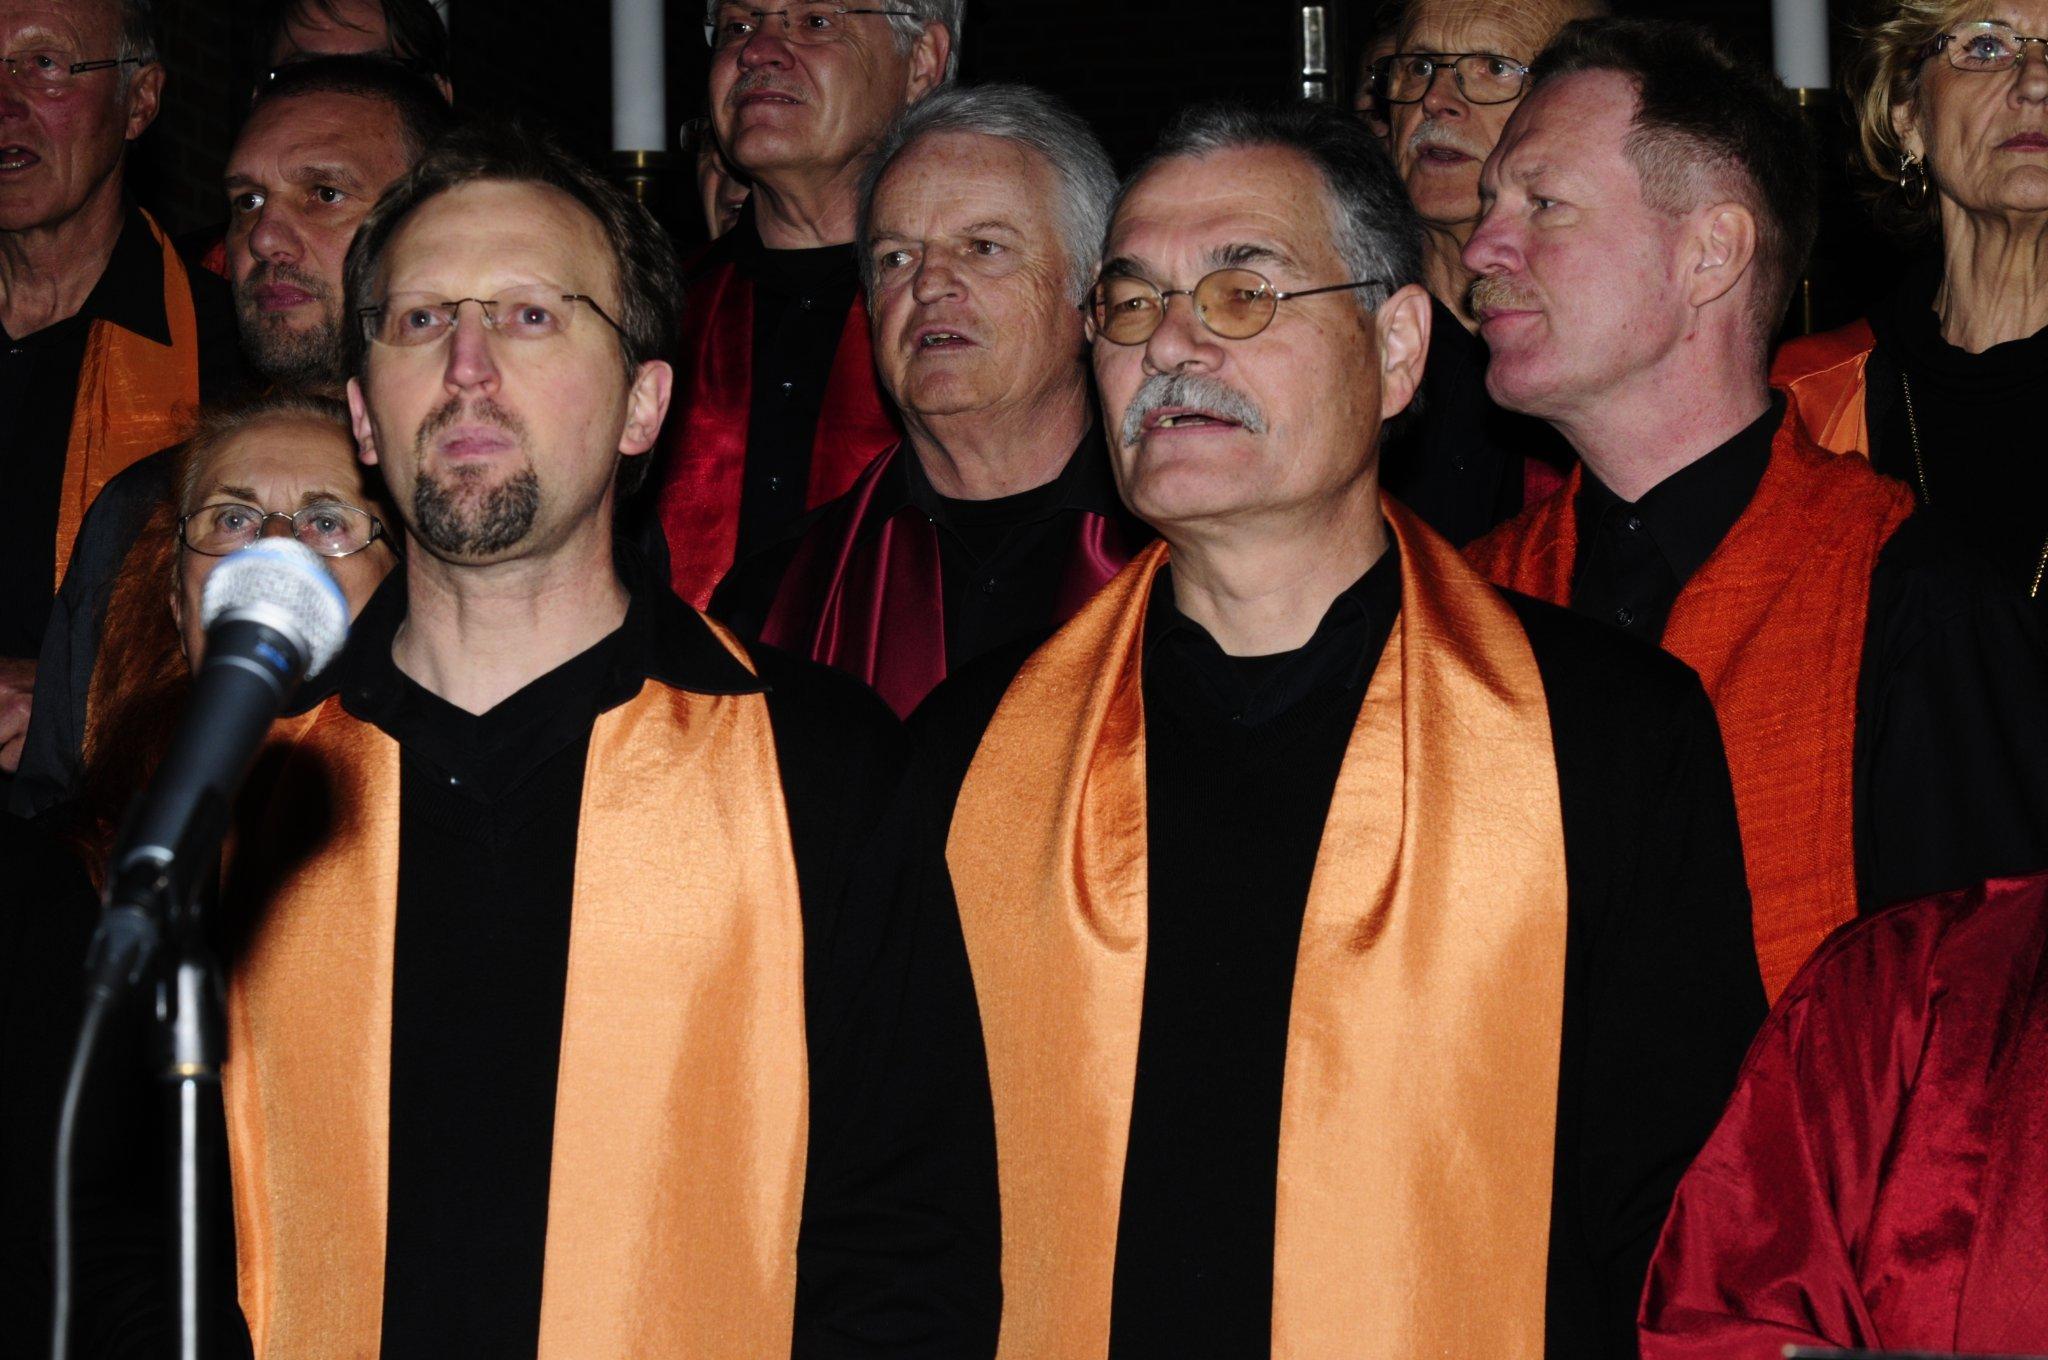 20120422 Reformations Gedaechtniskirche 44